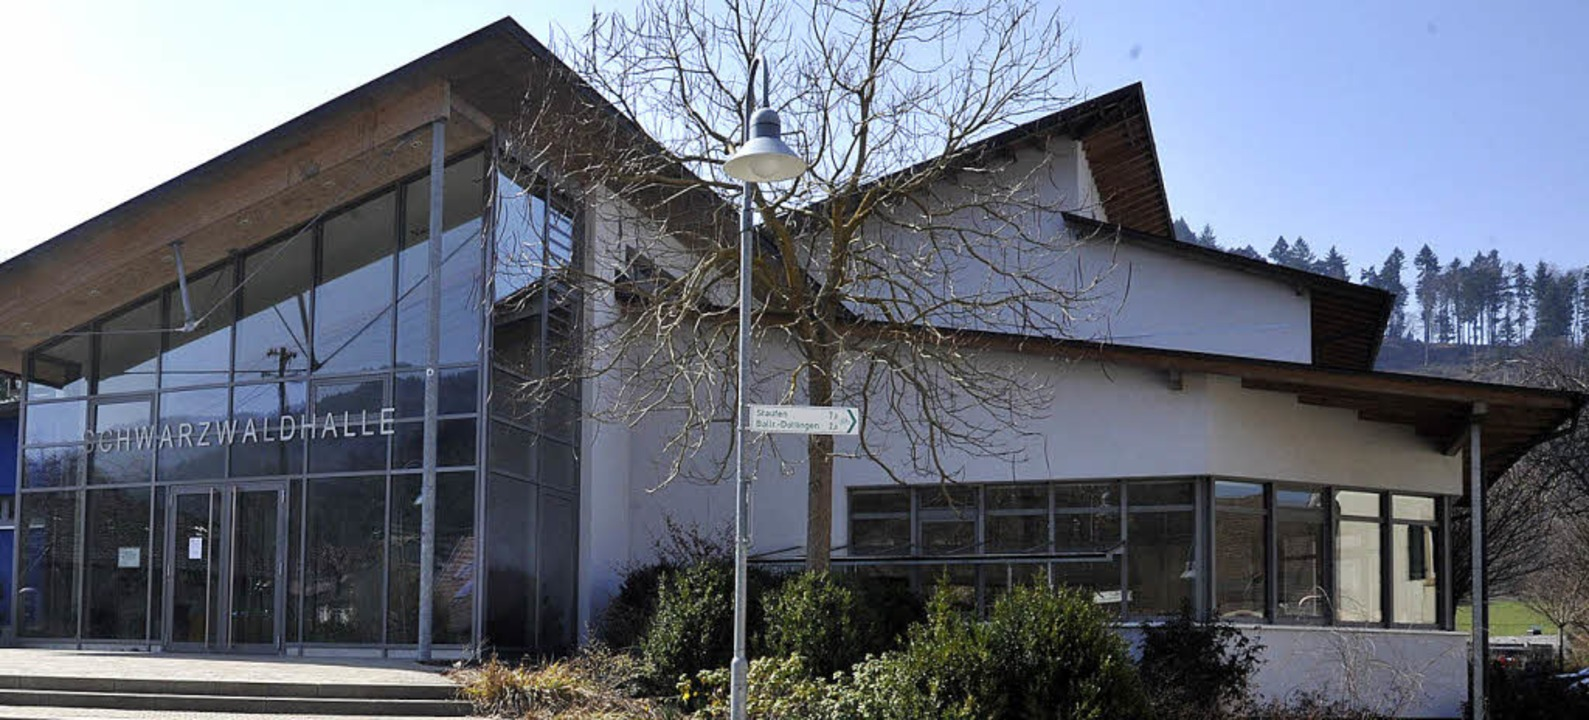 Die Schwarzwaldhalle hat keine optimal...z, ergibt die Energiepotenzialstudie.   | Foto: Volker Münch